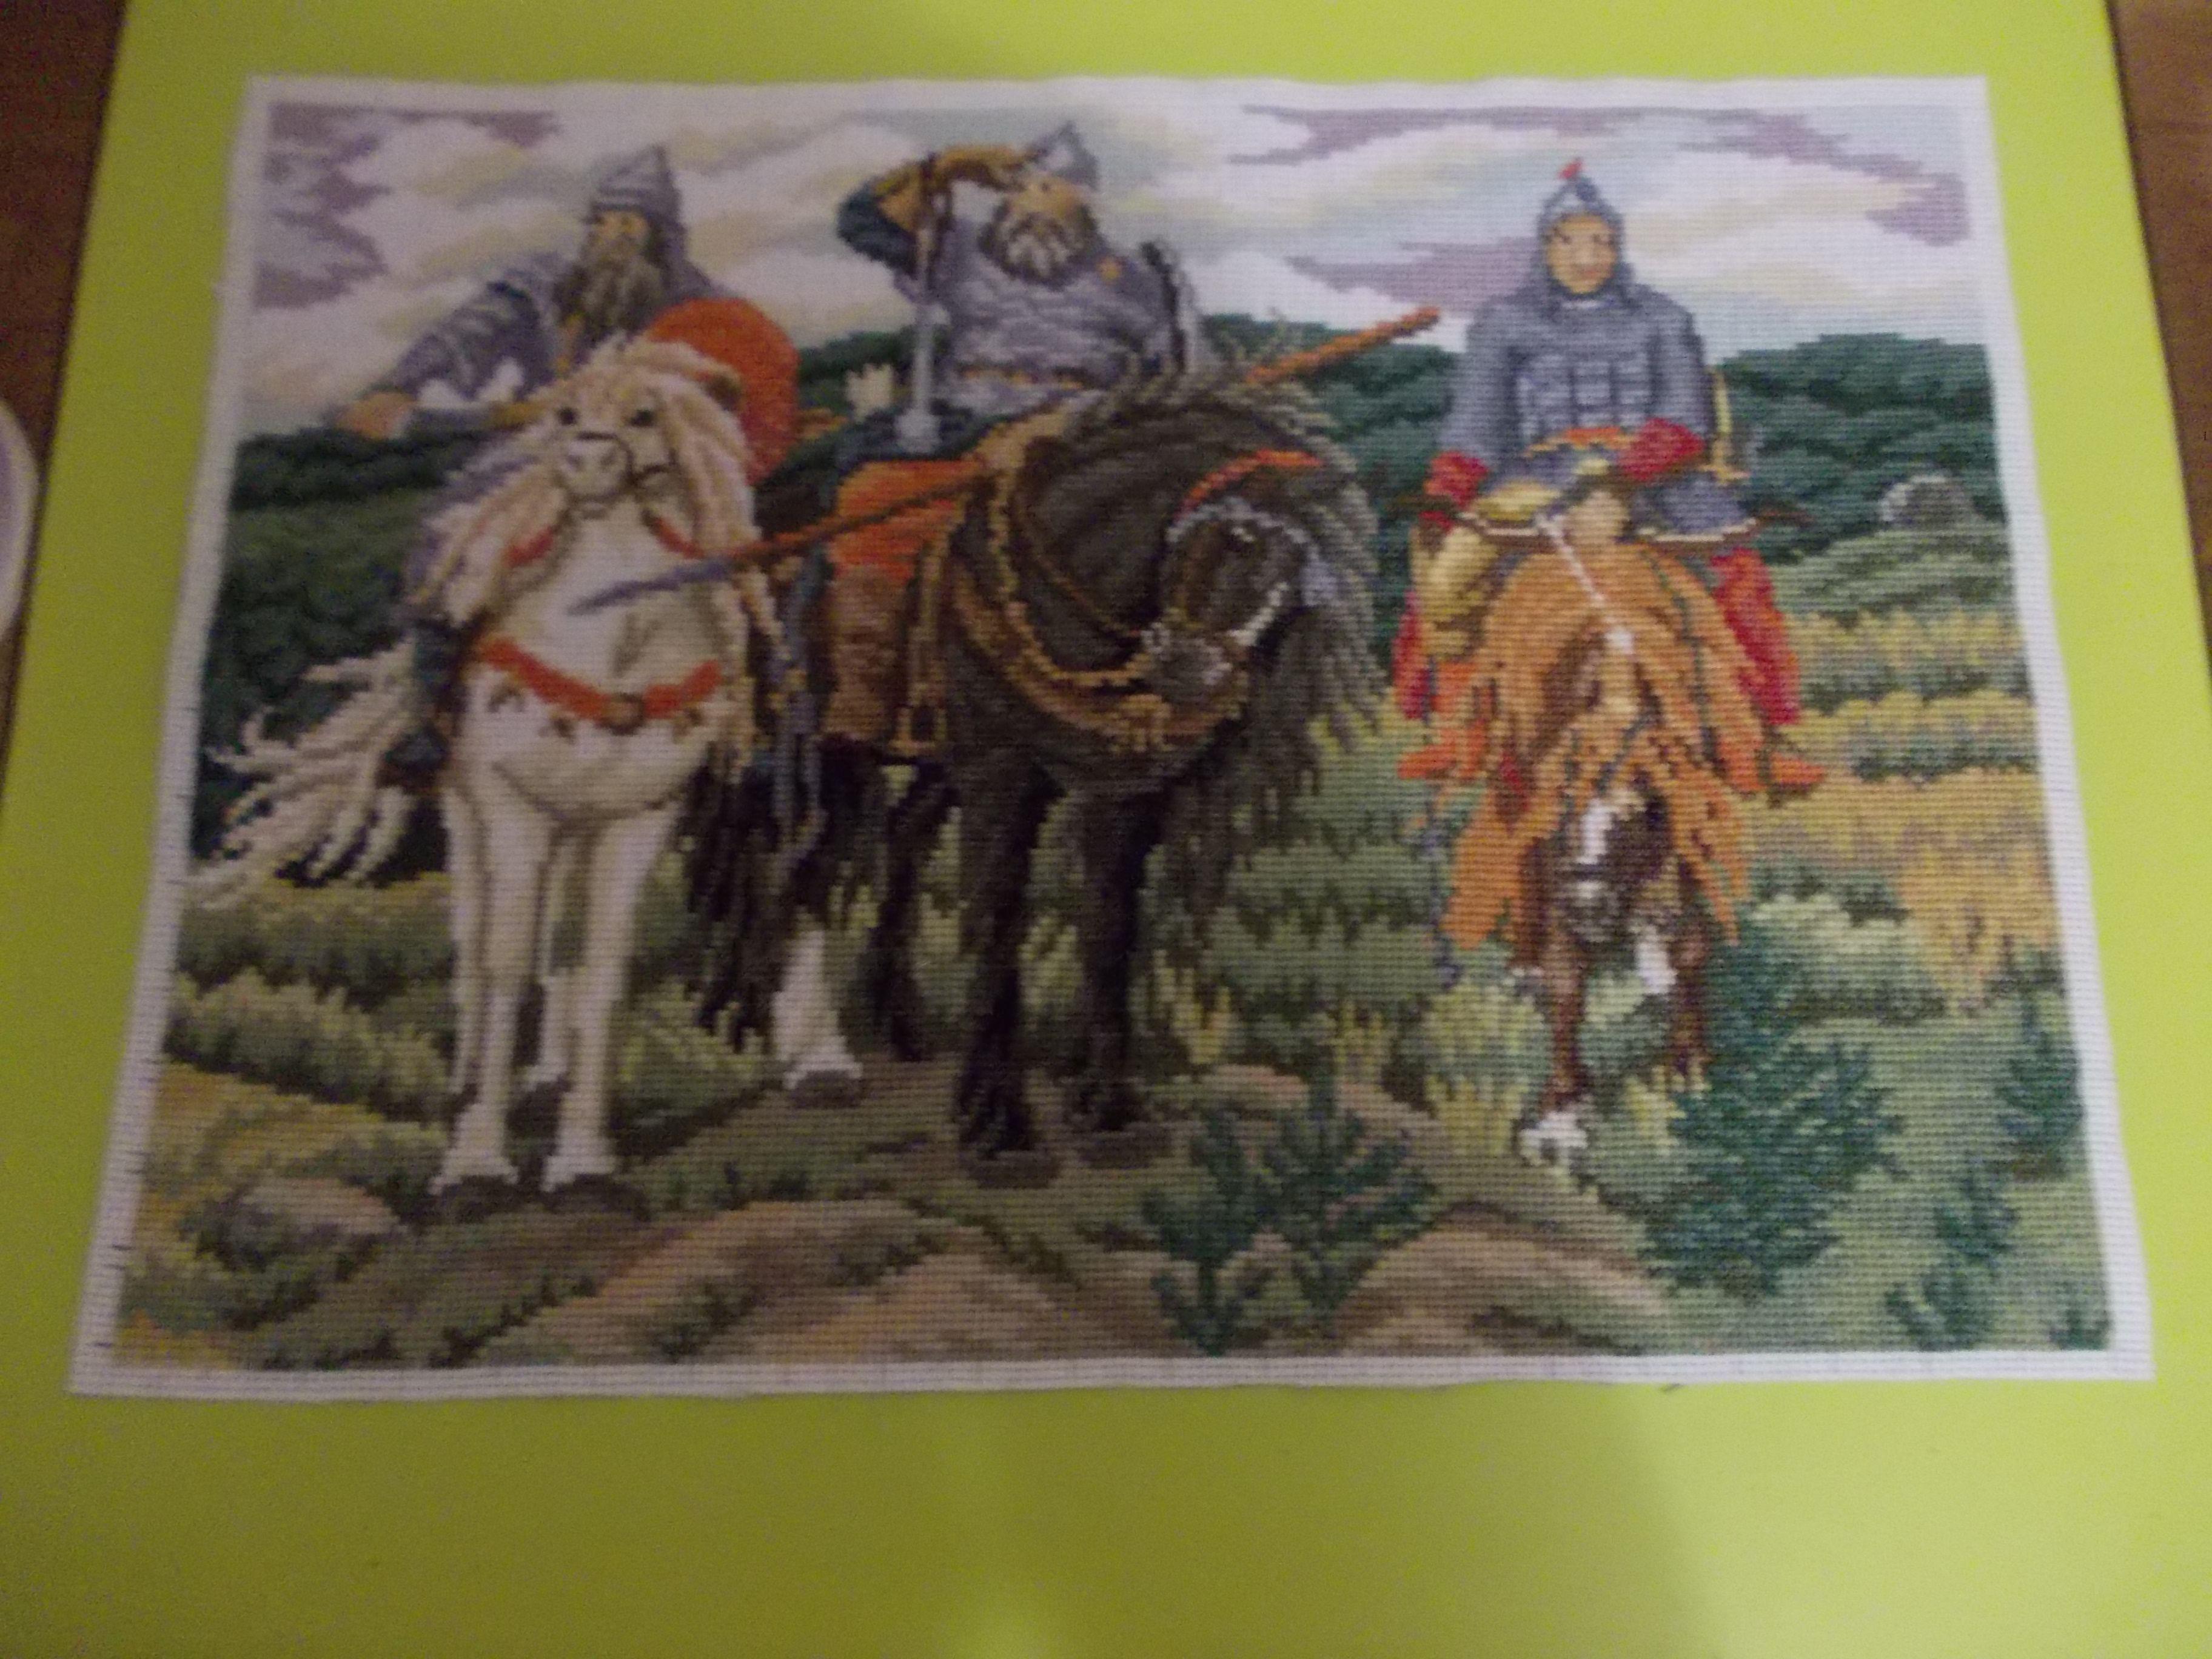 богатырякартина крестом репродукция три вышивка в картина подарок